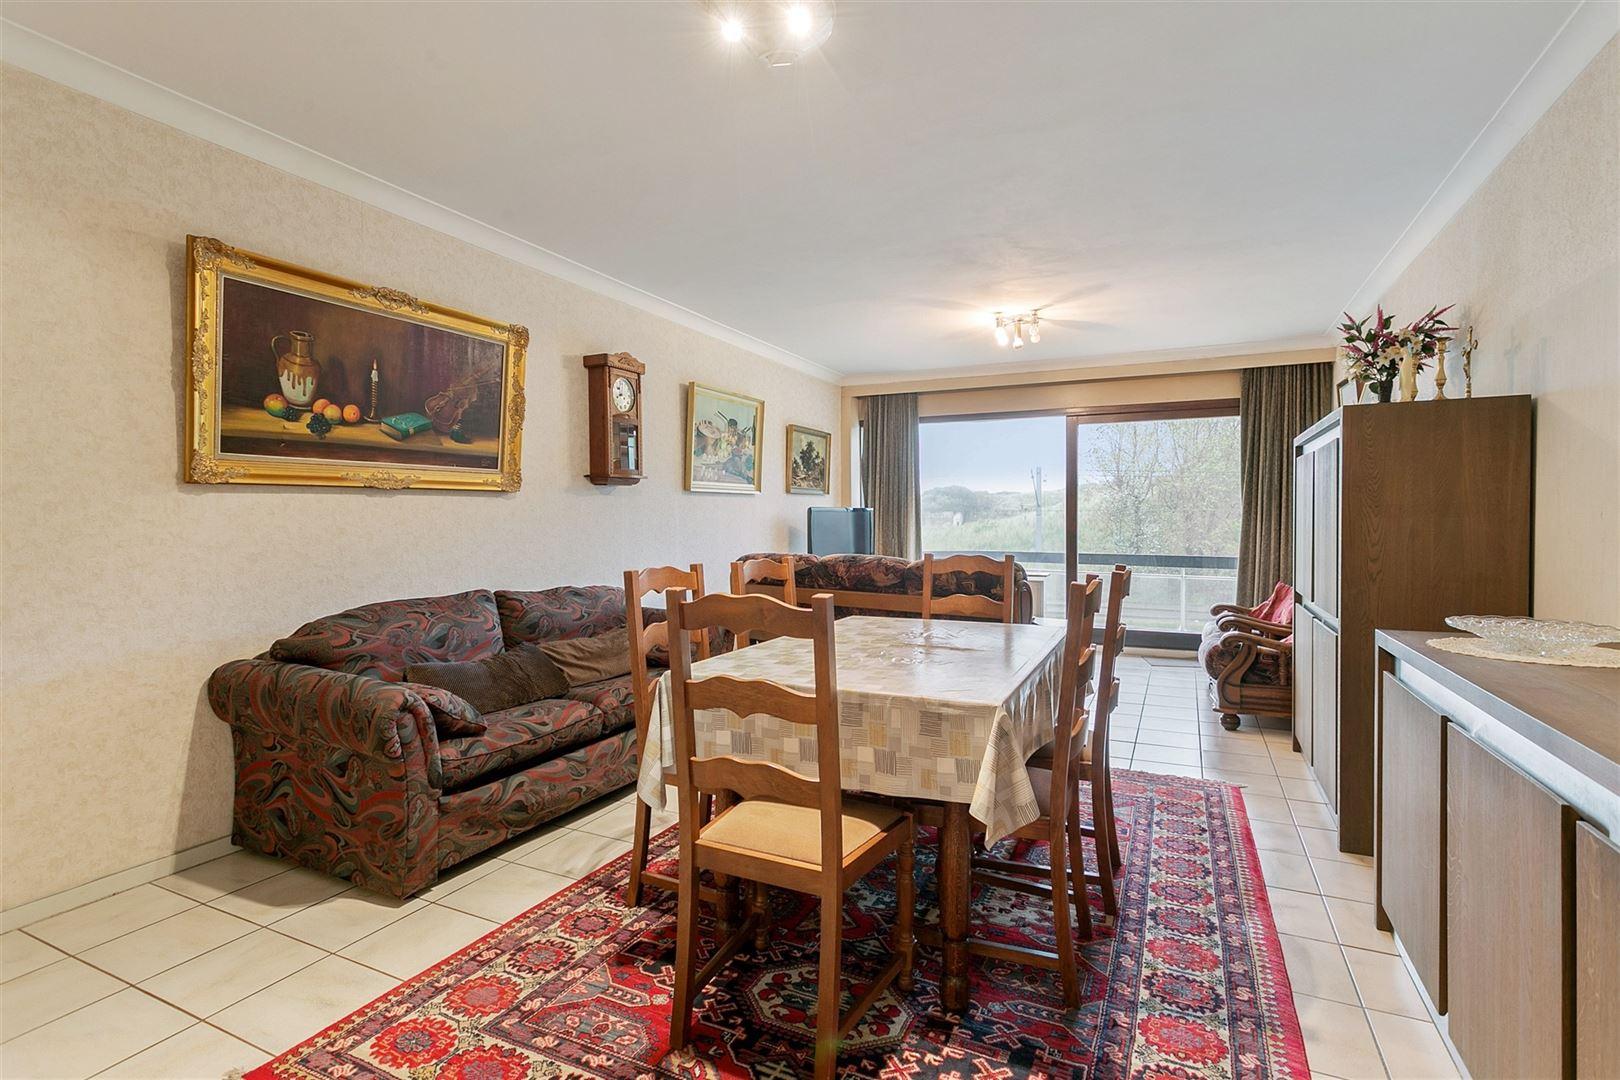 <a class='showAction btn-primary btn' href='/fr/propriete/2/jv21033/appartement-blankenberge-a-louer-non-meuble-2-chambres-a-coucher-albert-ruzettelaan-157'>Découvrez cette offre »</a>